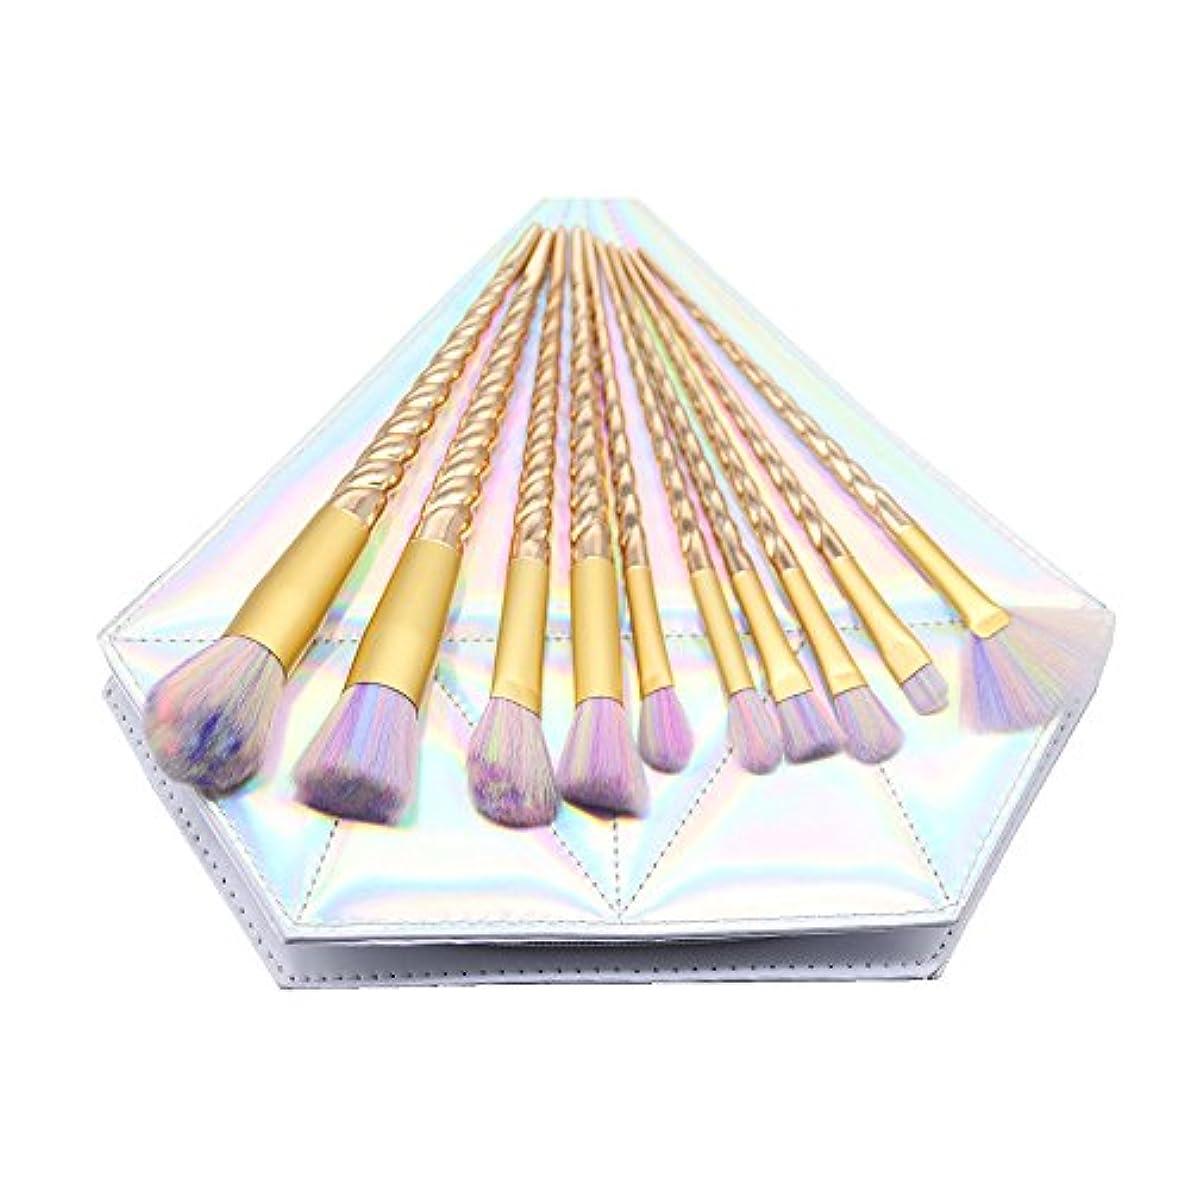 ほとんどない科学的スリーブDilla Beauty メイクブラシセット 10本セット ユニコーンデザイン プラスチックハンドル 合成毛 ファンデーションブラシ アイシャドーブラッシャー 美容ツール 化粧品のバッグ付き